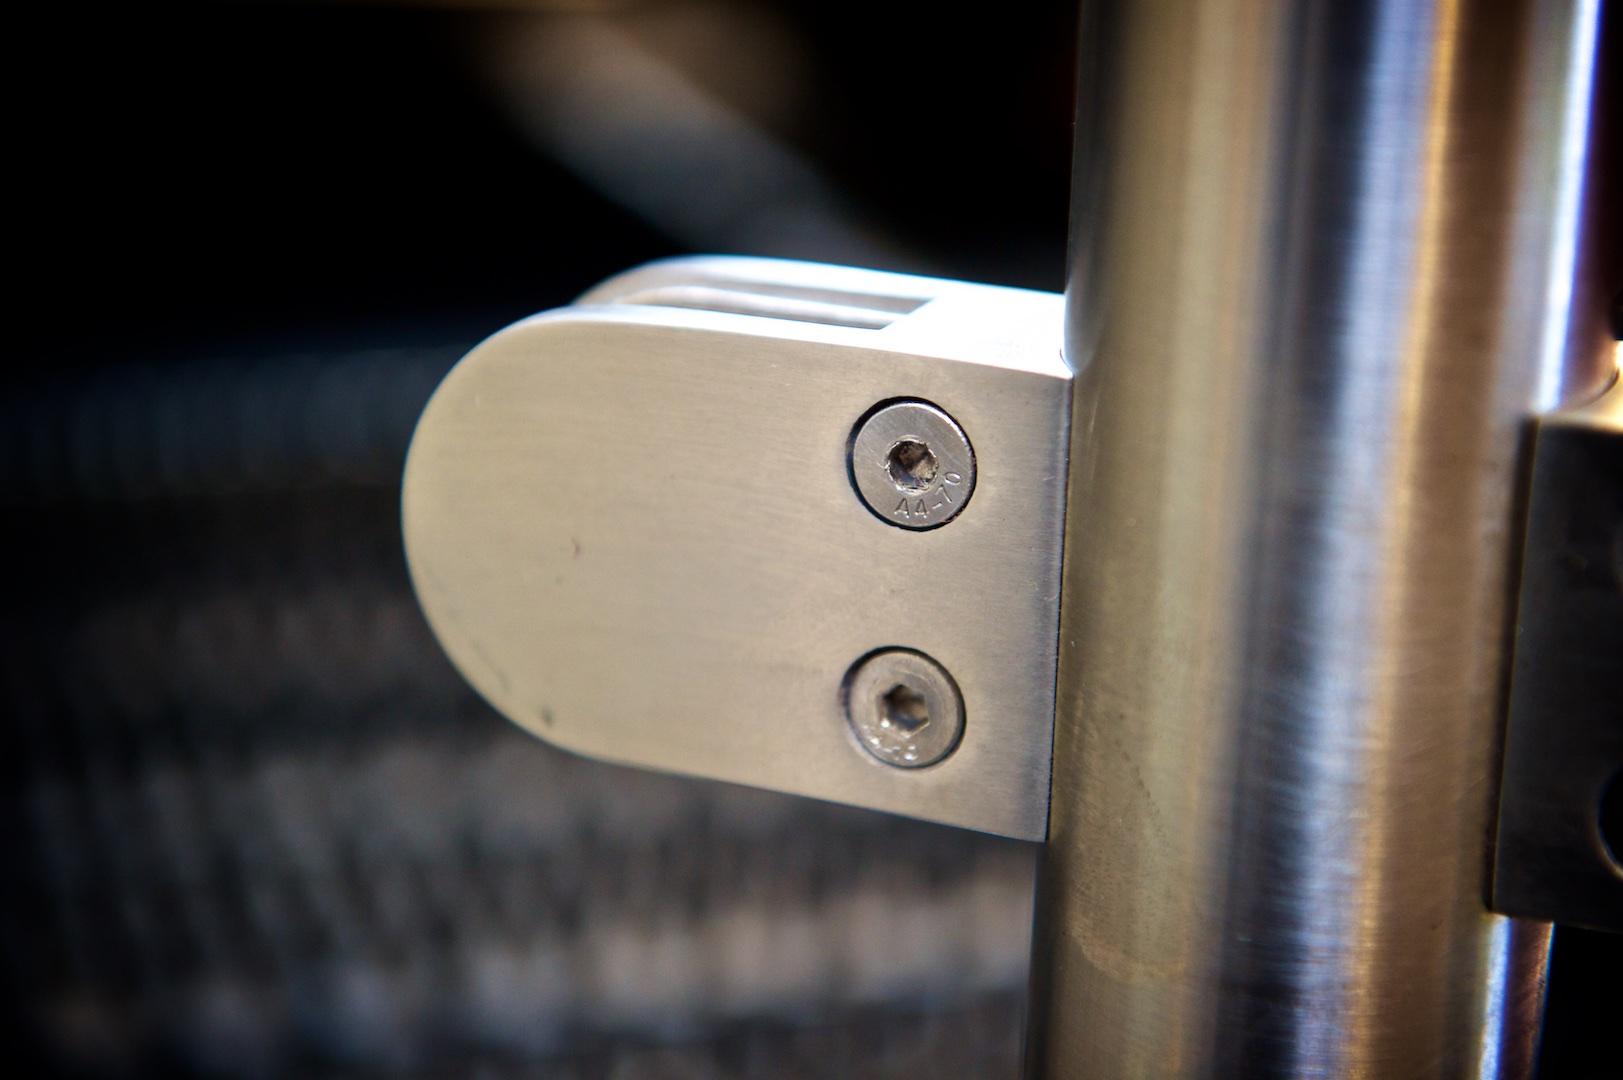 Gate fabrication Devon, Stainless gate fabrication North Devon,